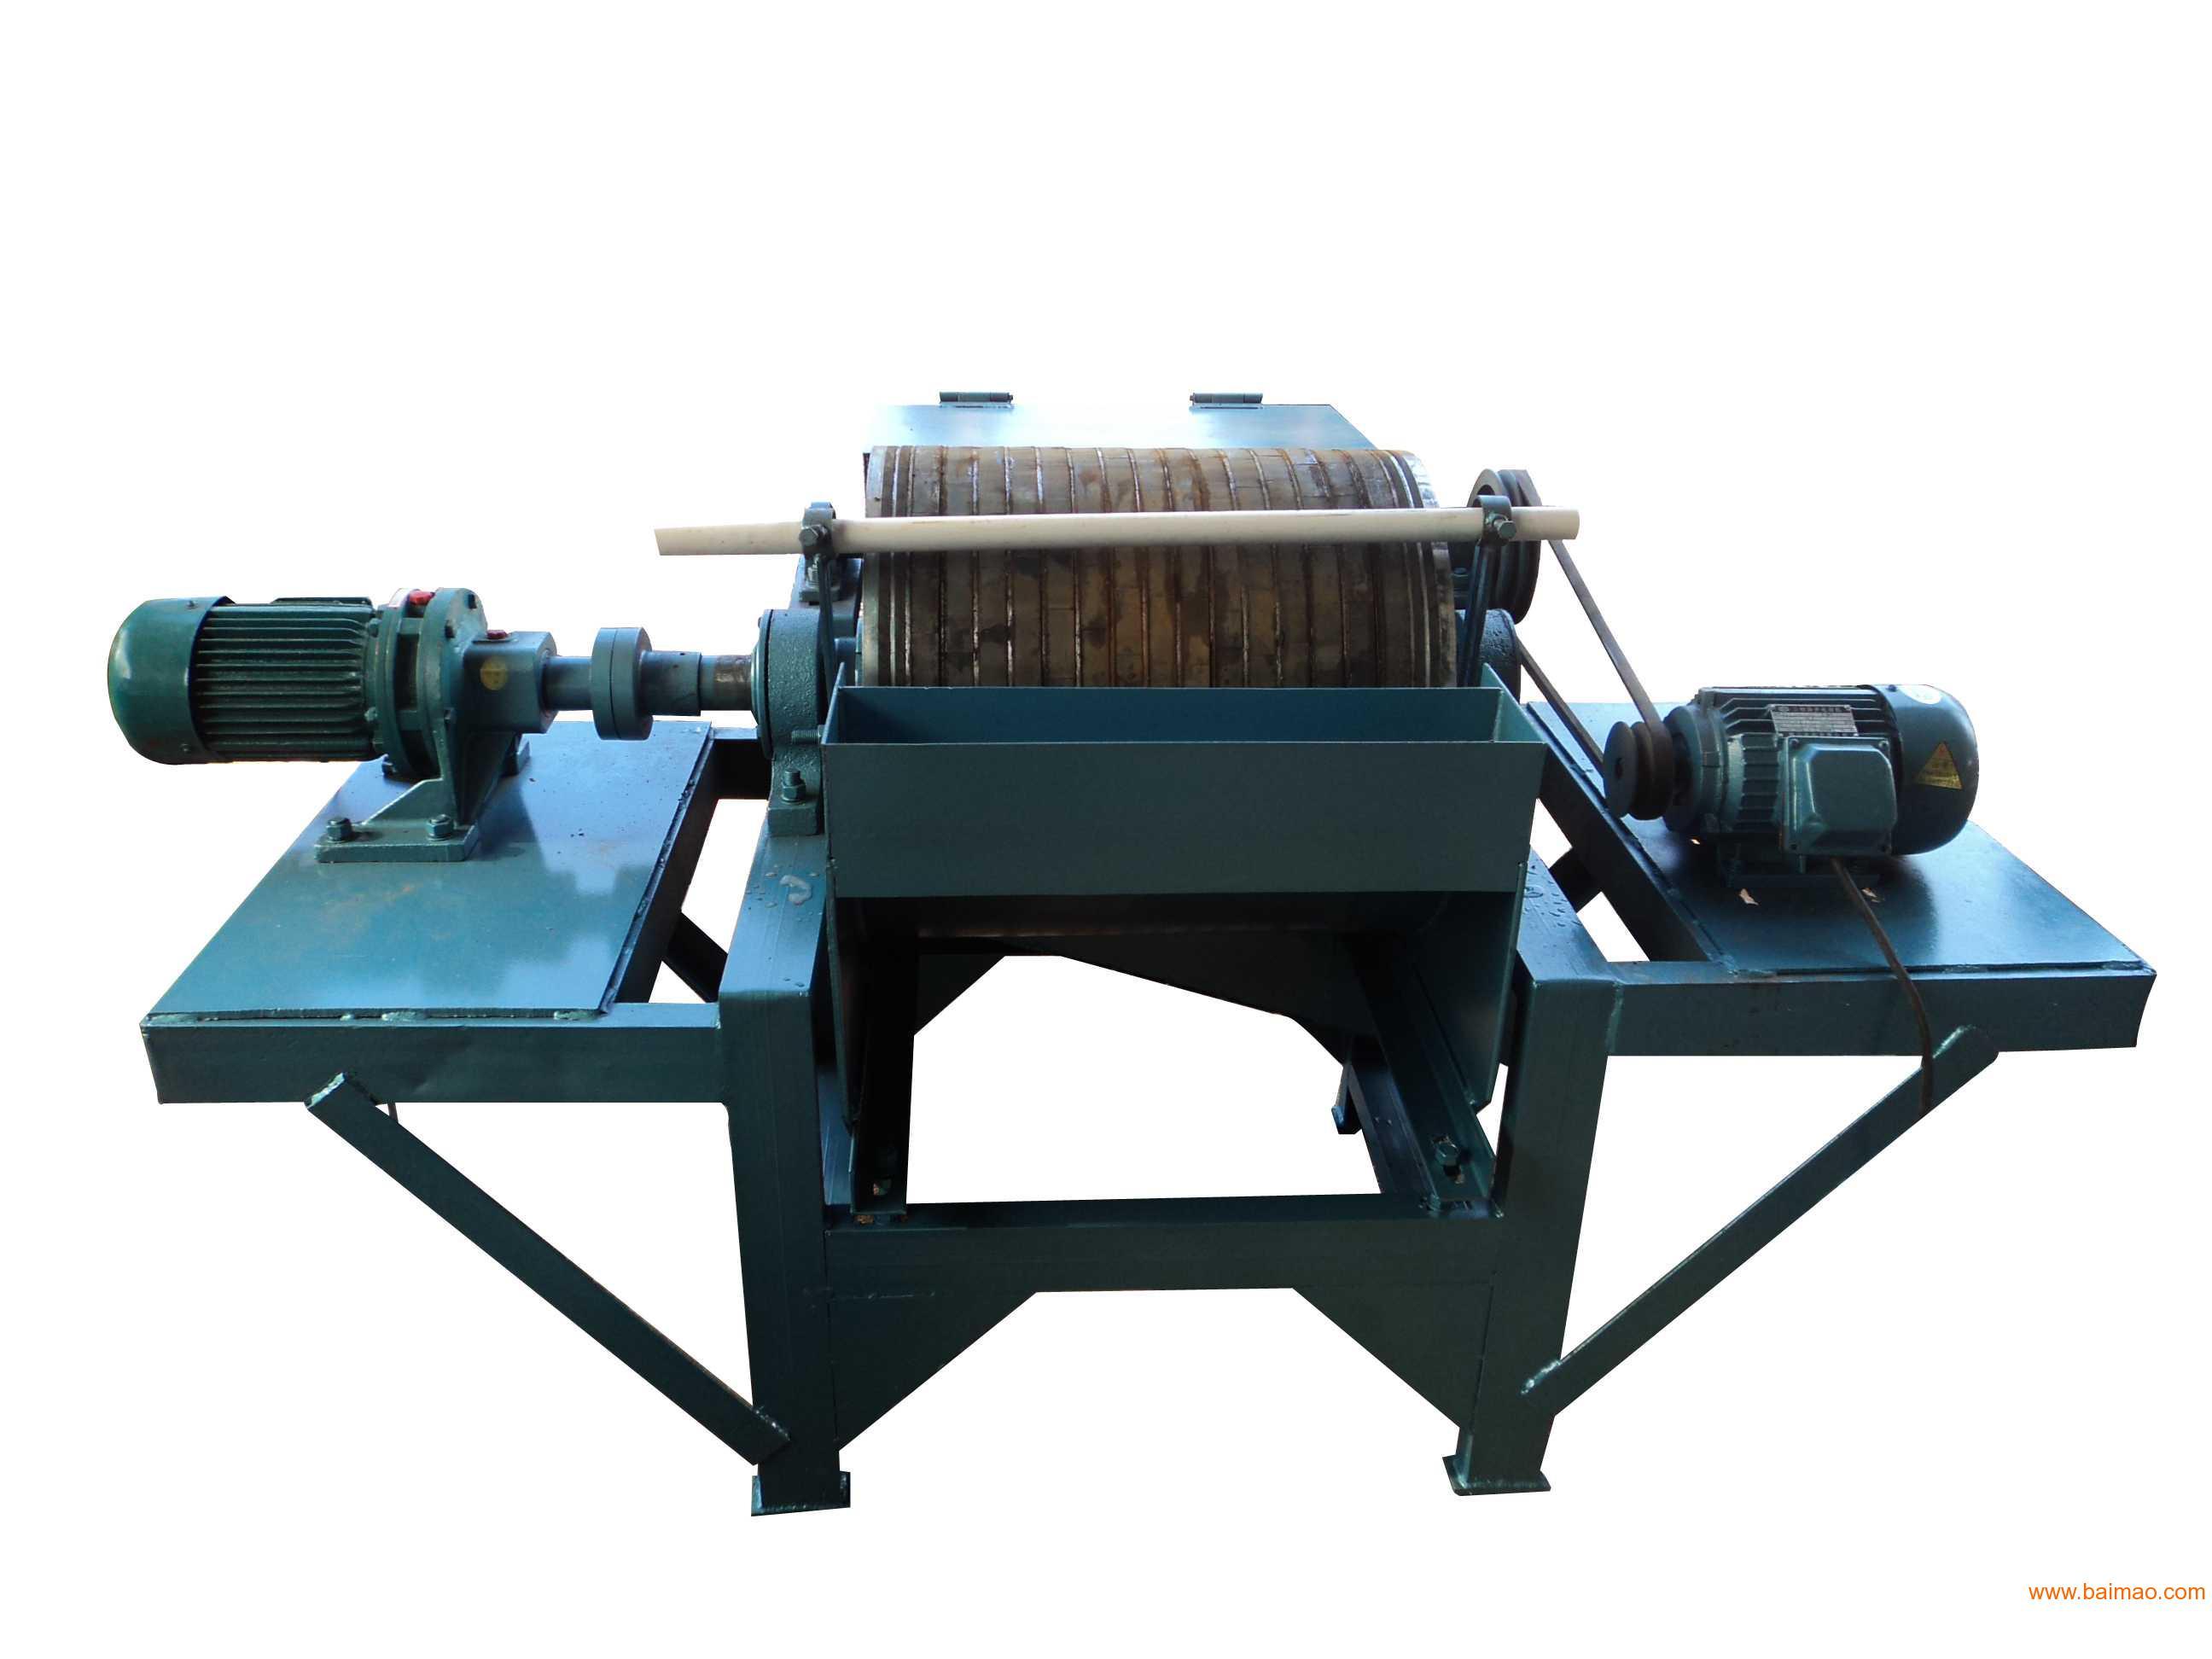 锰矿强磁磁选机,锰矿强磁磁选机生产厂家,锰矿强磁磁选机价格